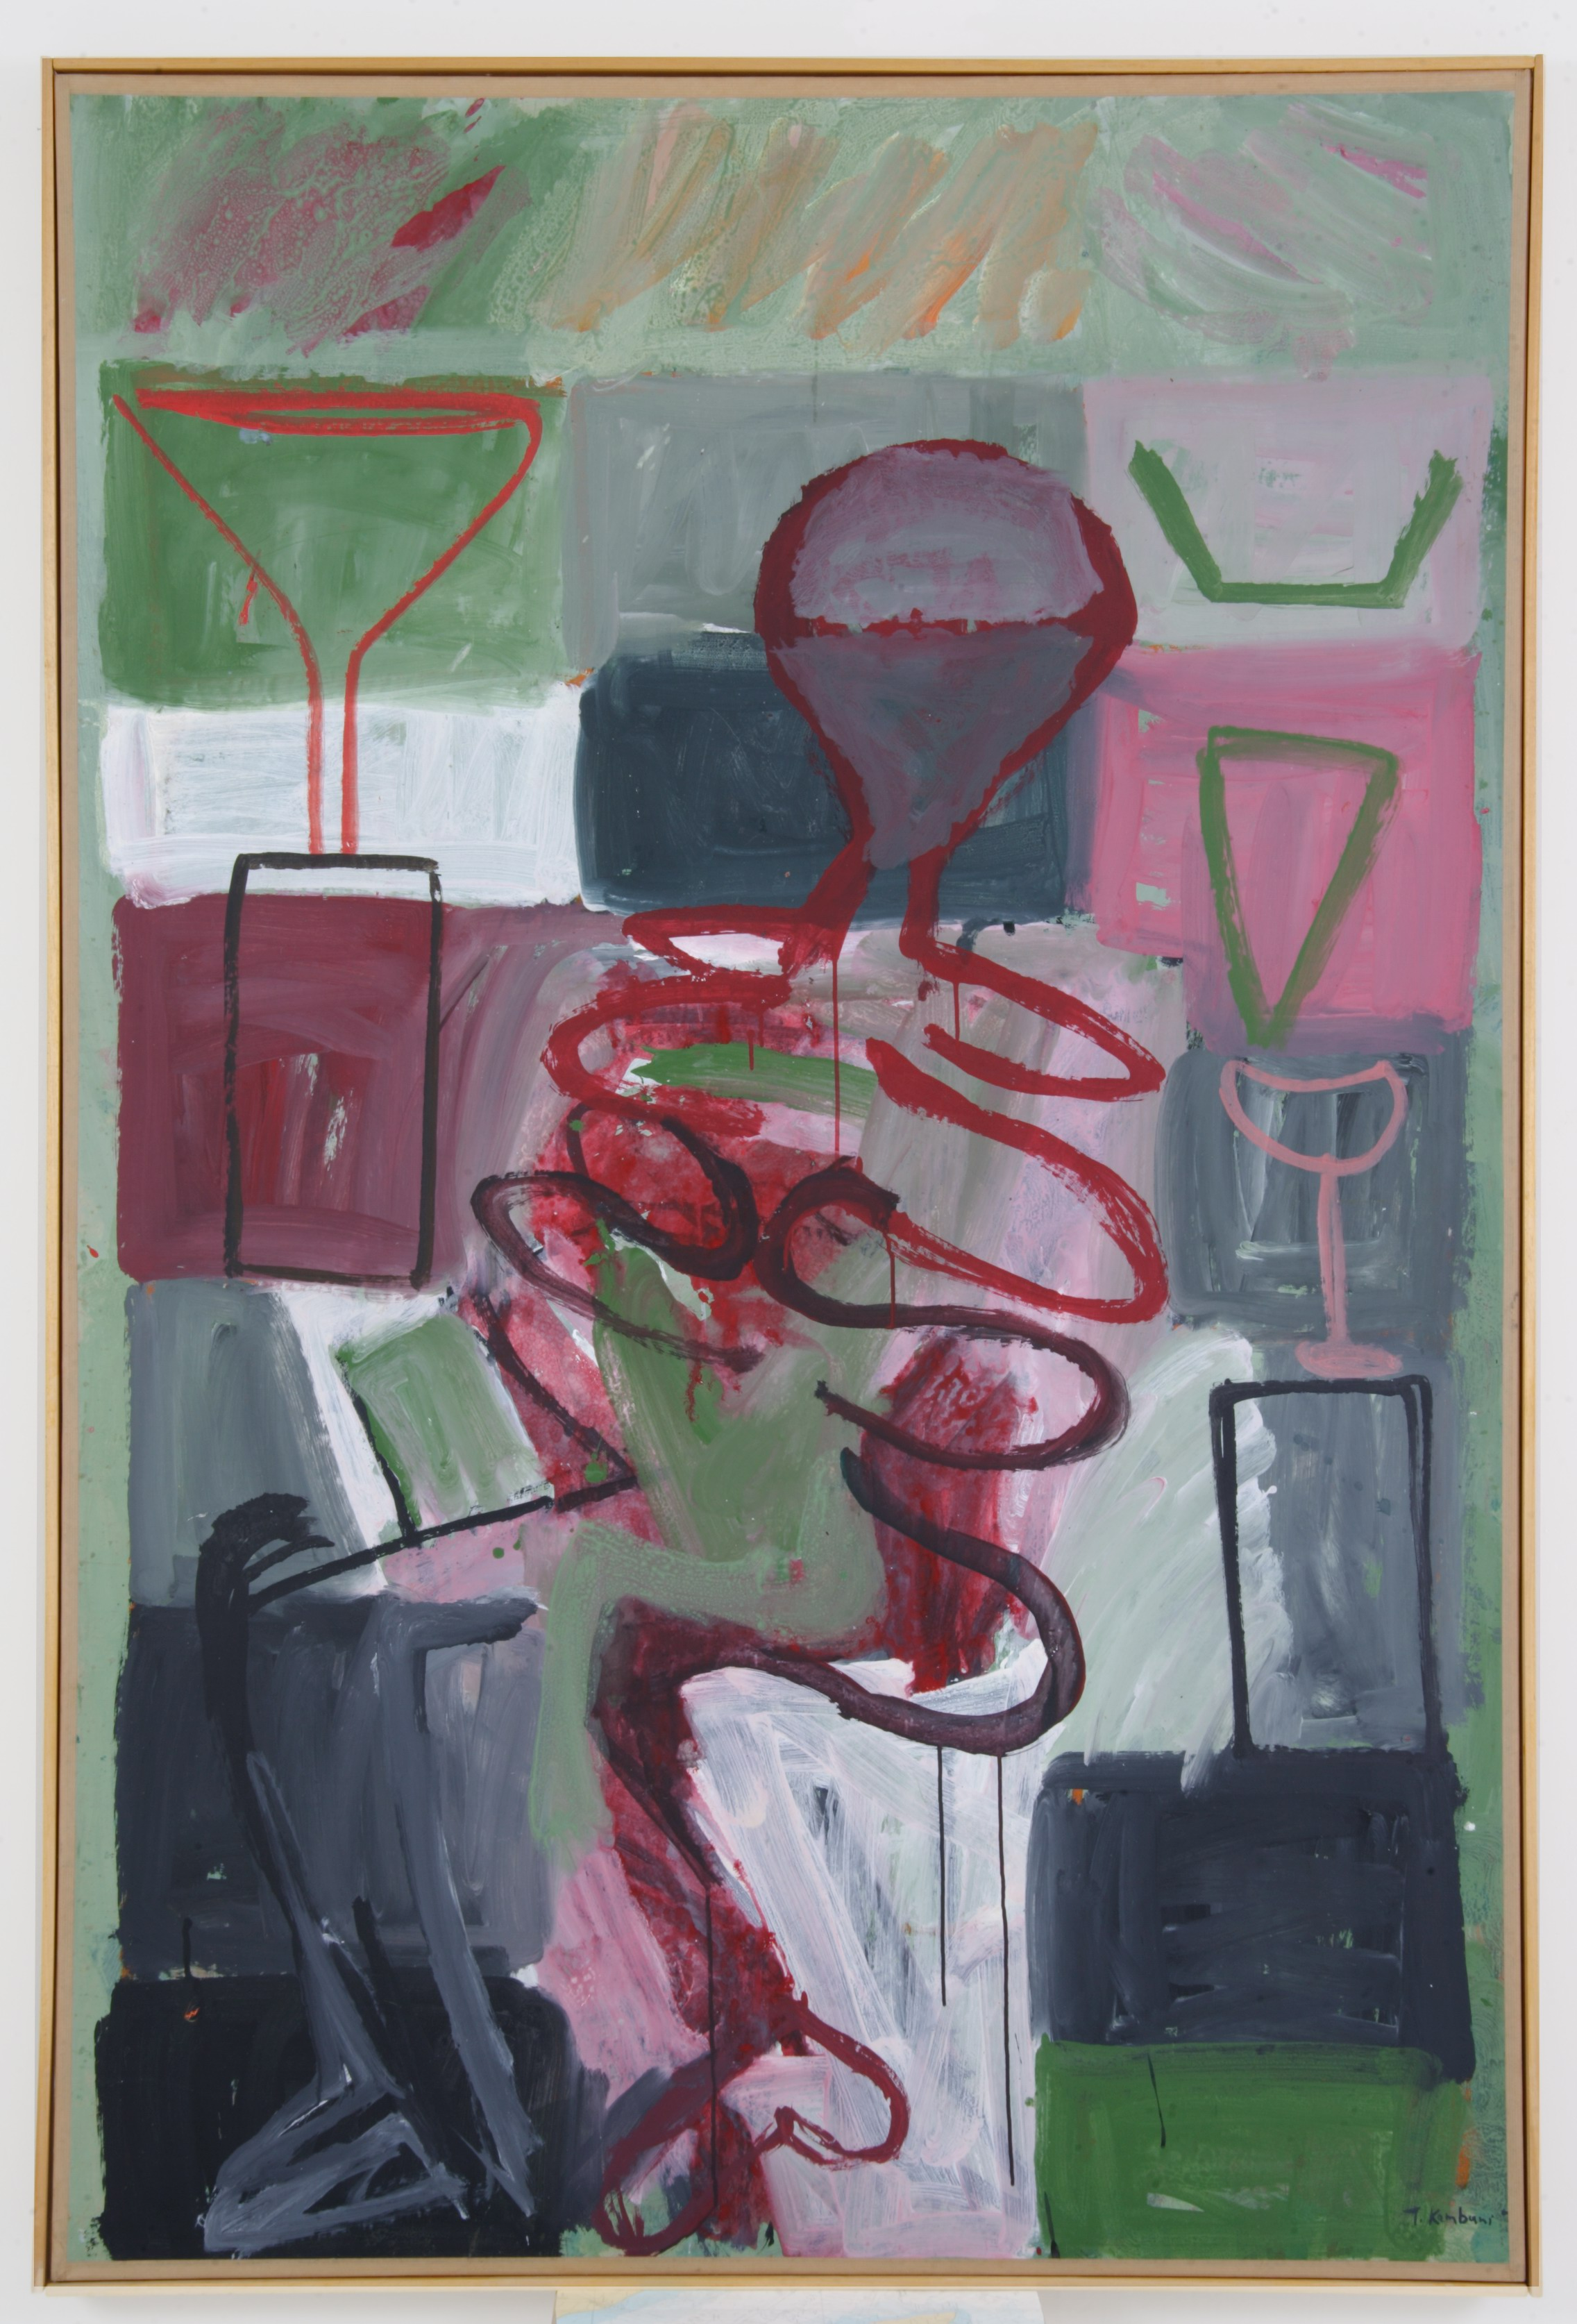 τα ποτά και τα ξενύχτια,1996,200x140cm